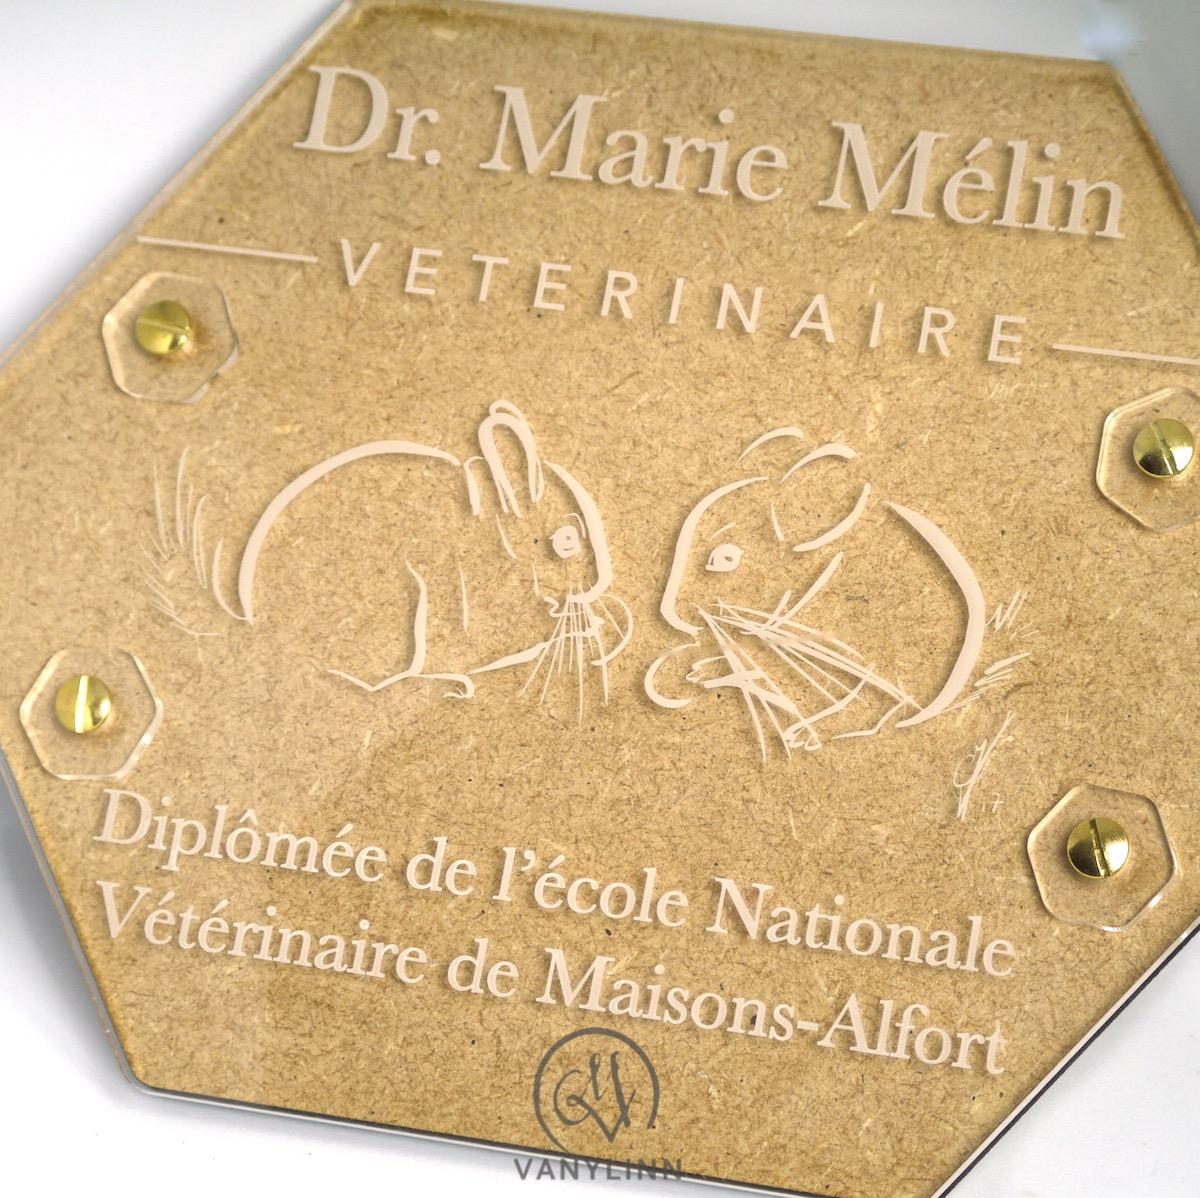 Veterinarian Plaque 3.jpg